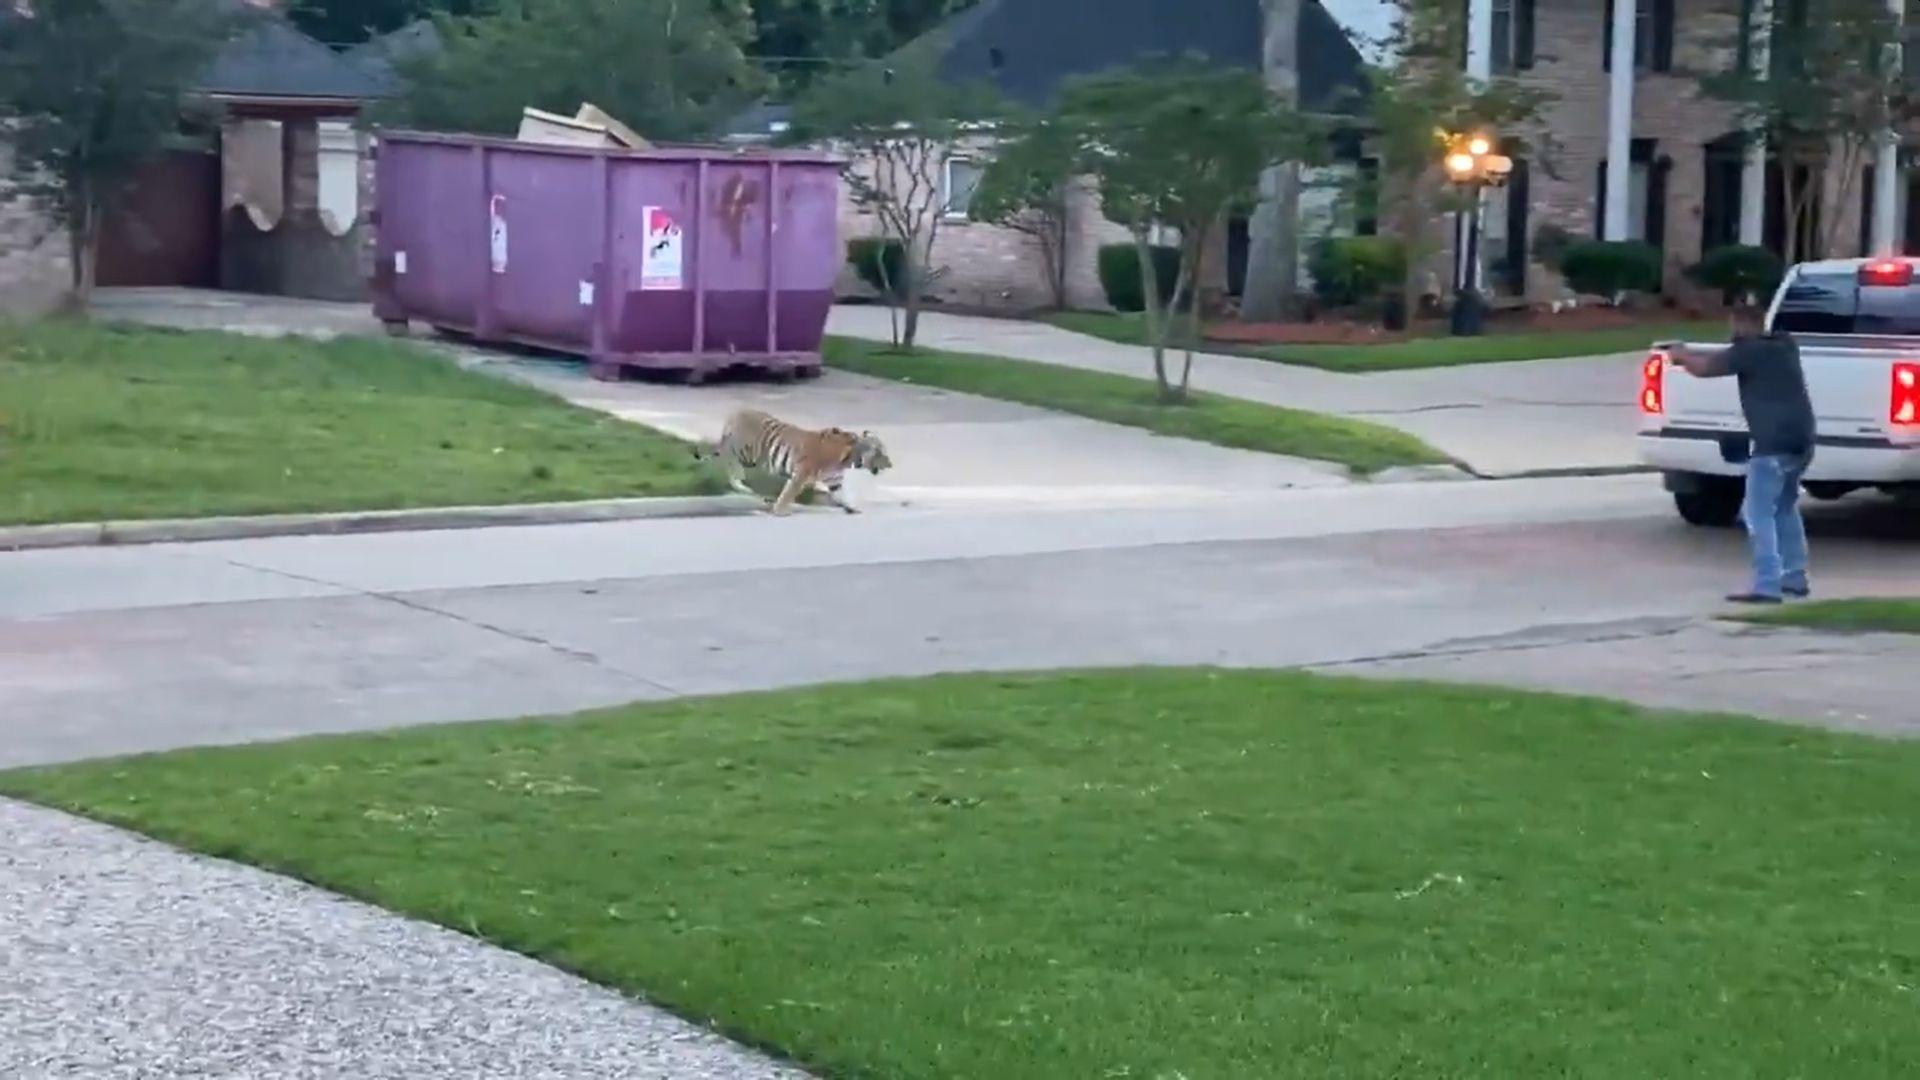 Meglett a tigris, amit a rendőrök elől menekülő férfi társaságában láttak Houstonban